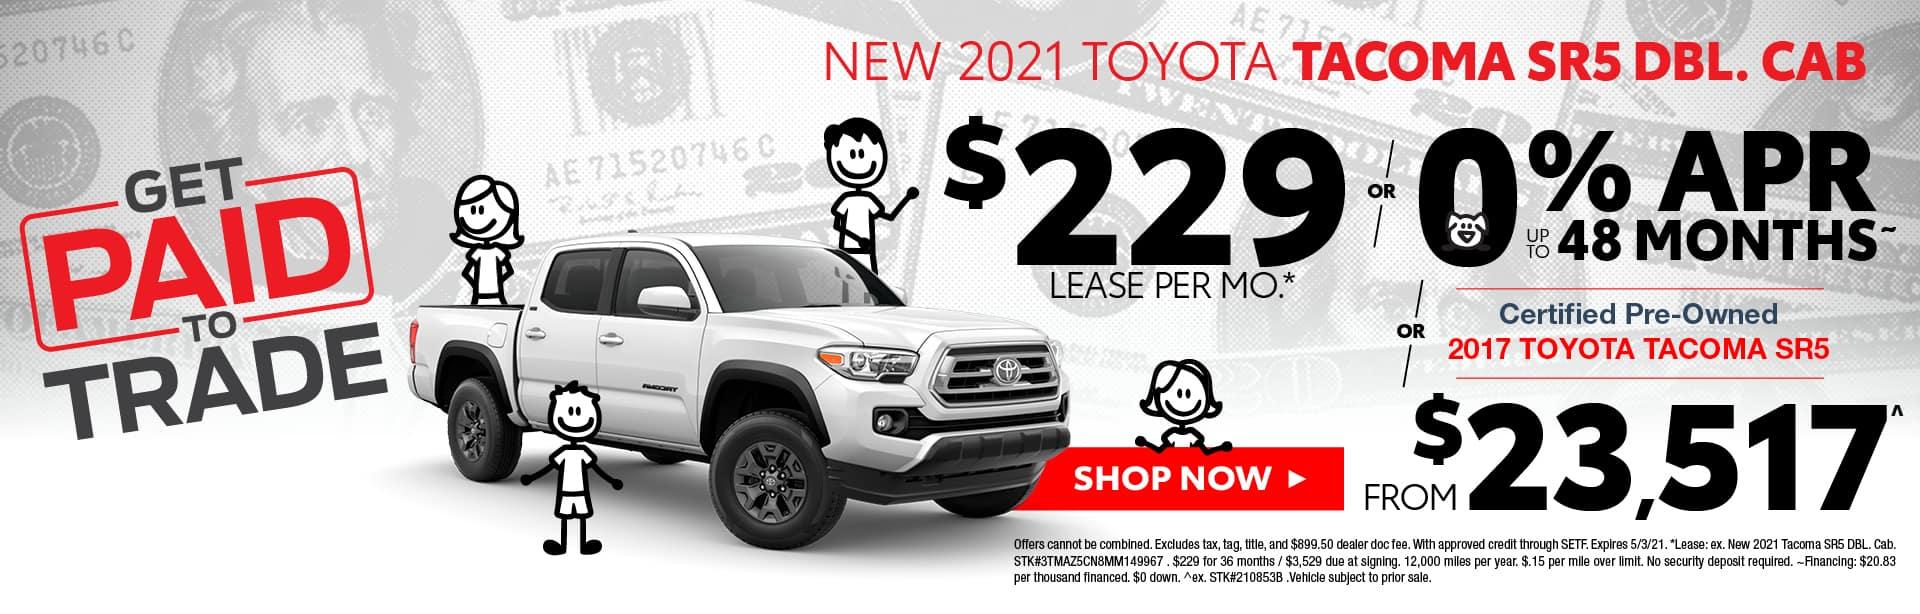 New Toyota Tacoma